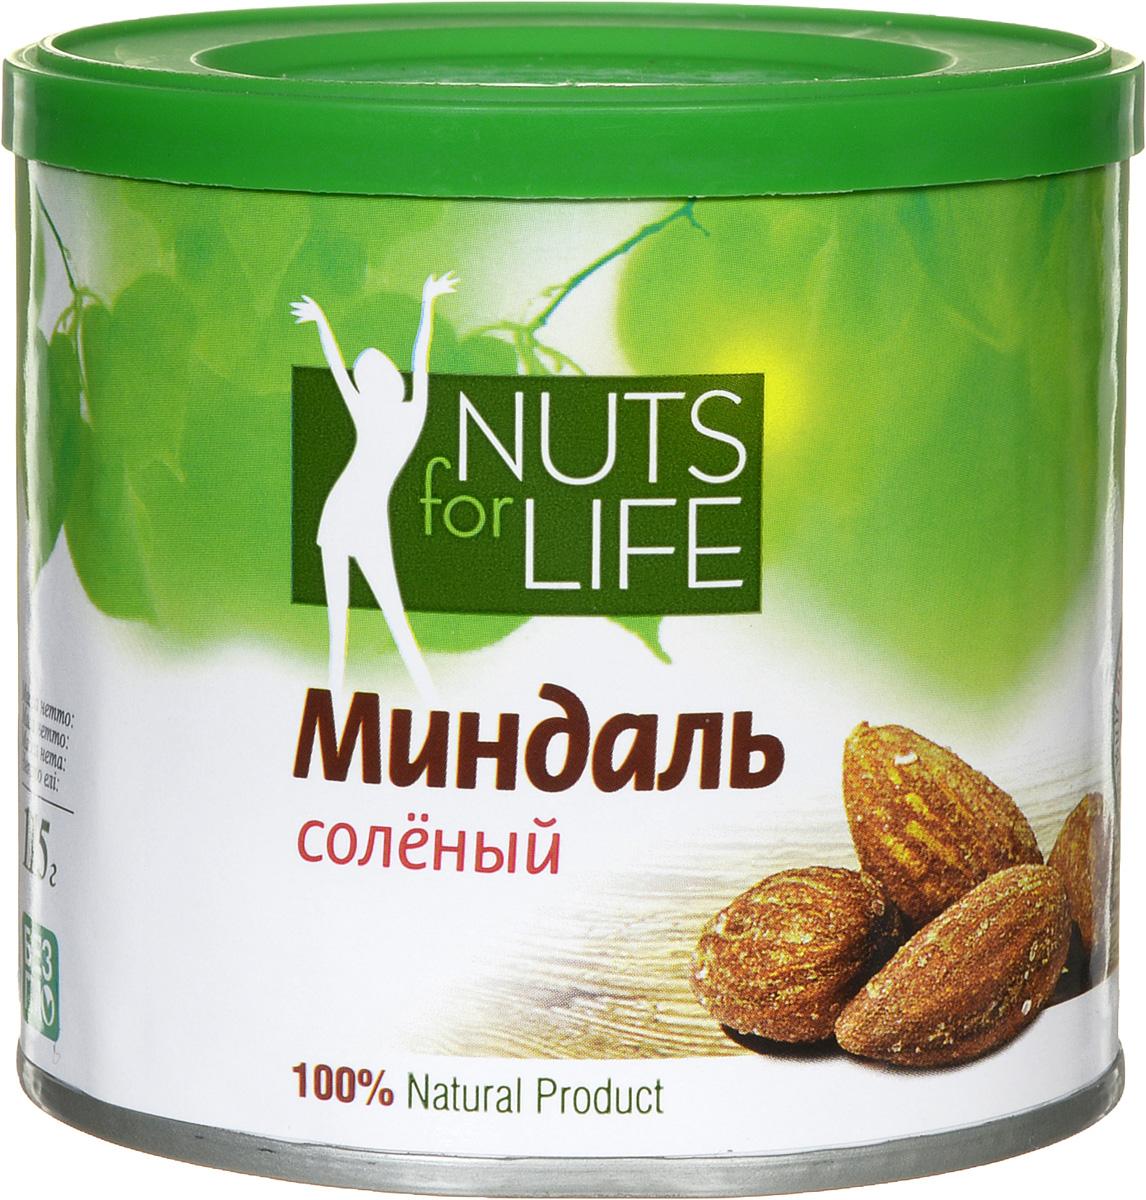 Nuts for Life Миндаль обжаренный соленый, 115 гU920944Миндаль — королевский орех! В сочетании с натуральной розовой морской солью его вкус стал еще богаче, насыщеннее и приятнее. Морская соль с бета-каротином поможет восполнить баланс минеральных веществ и микроэлементов в вашем организме, а миндаль с большим содержанием витамина Е поможет укрепить сердце, сосуды и ваше зрение!